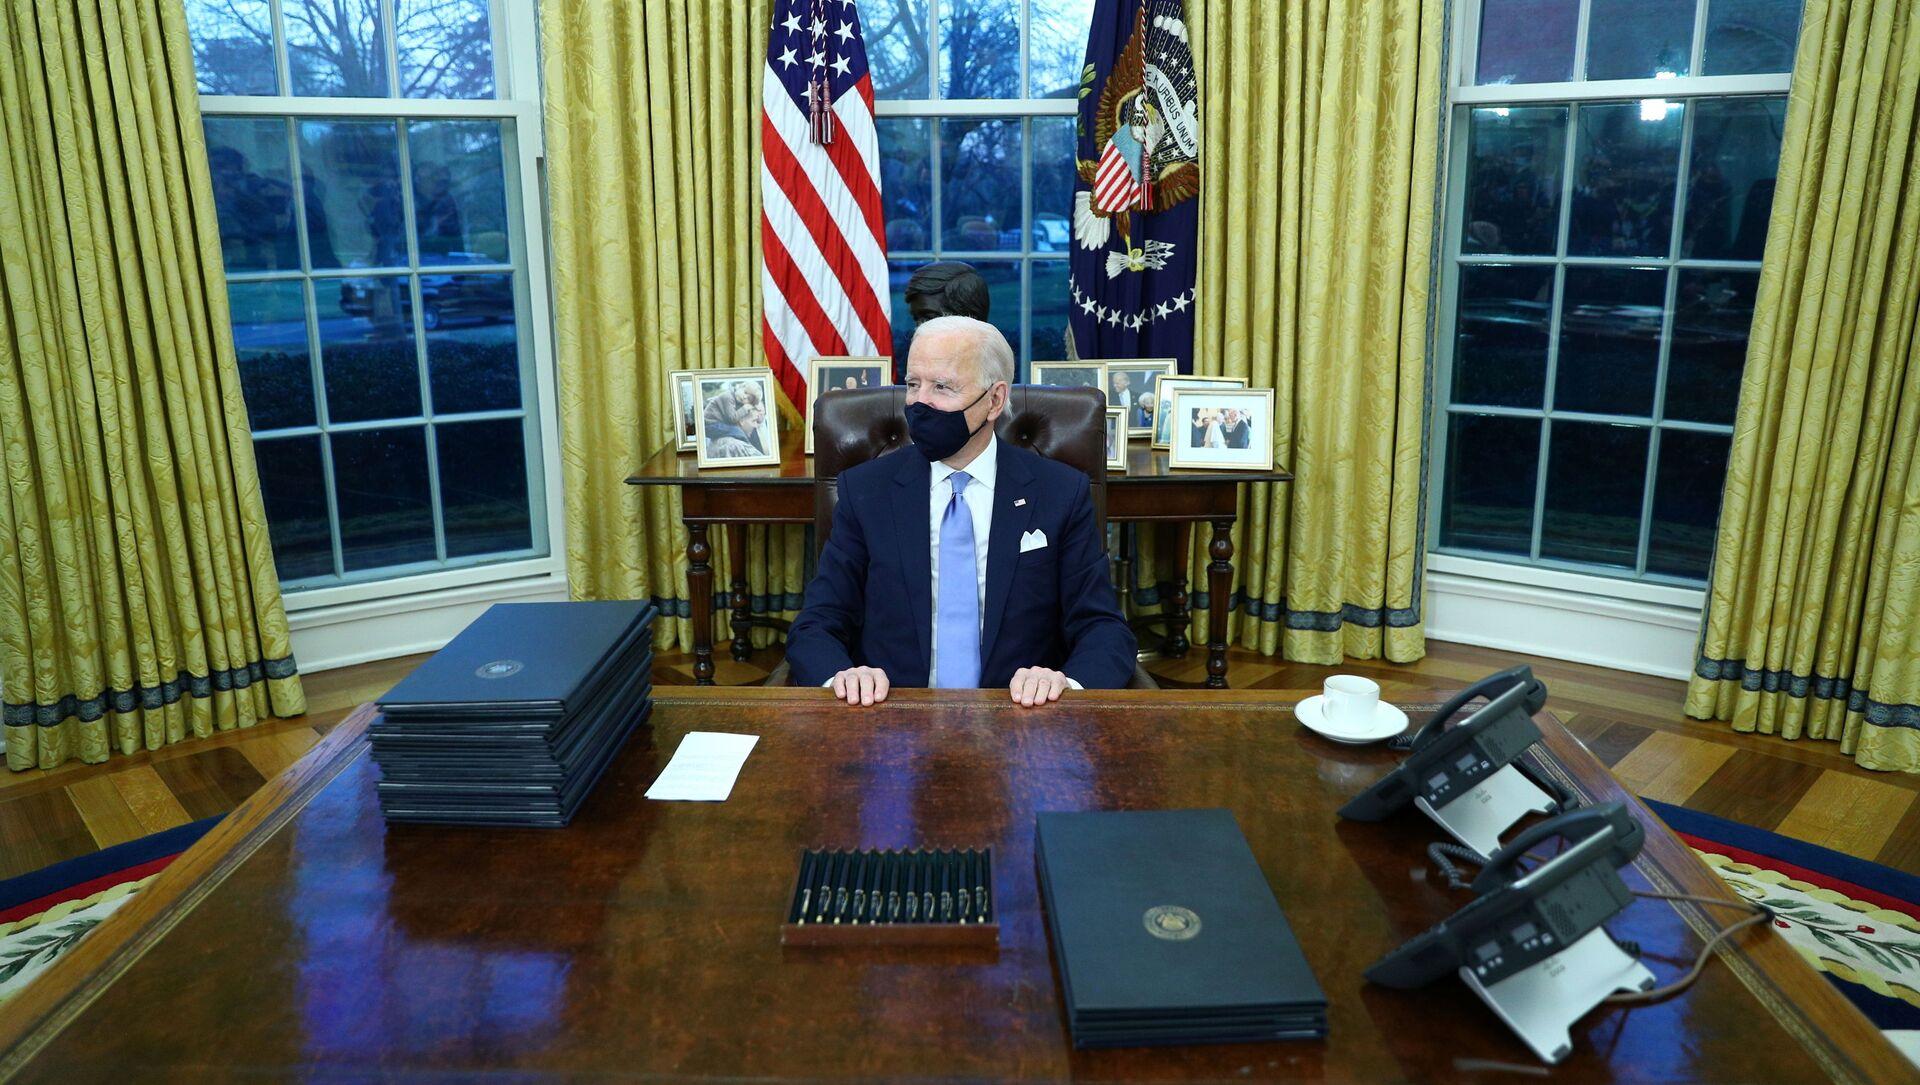 Americký prezident Joe Biden  - Sputnik Česká republika, 1920, 18.03.2021